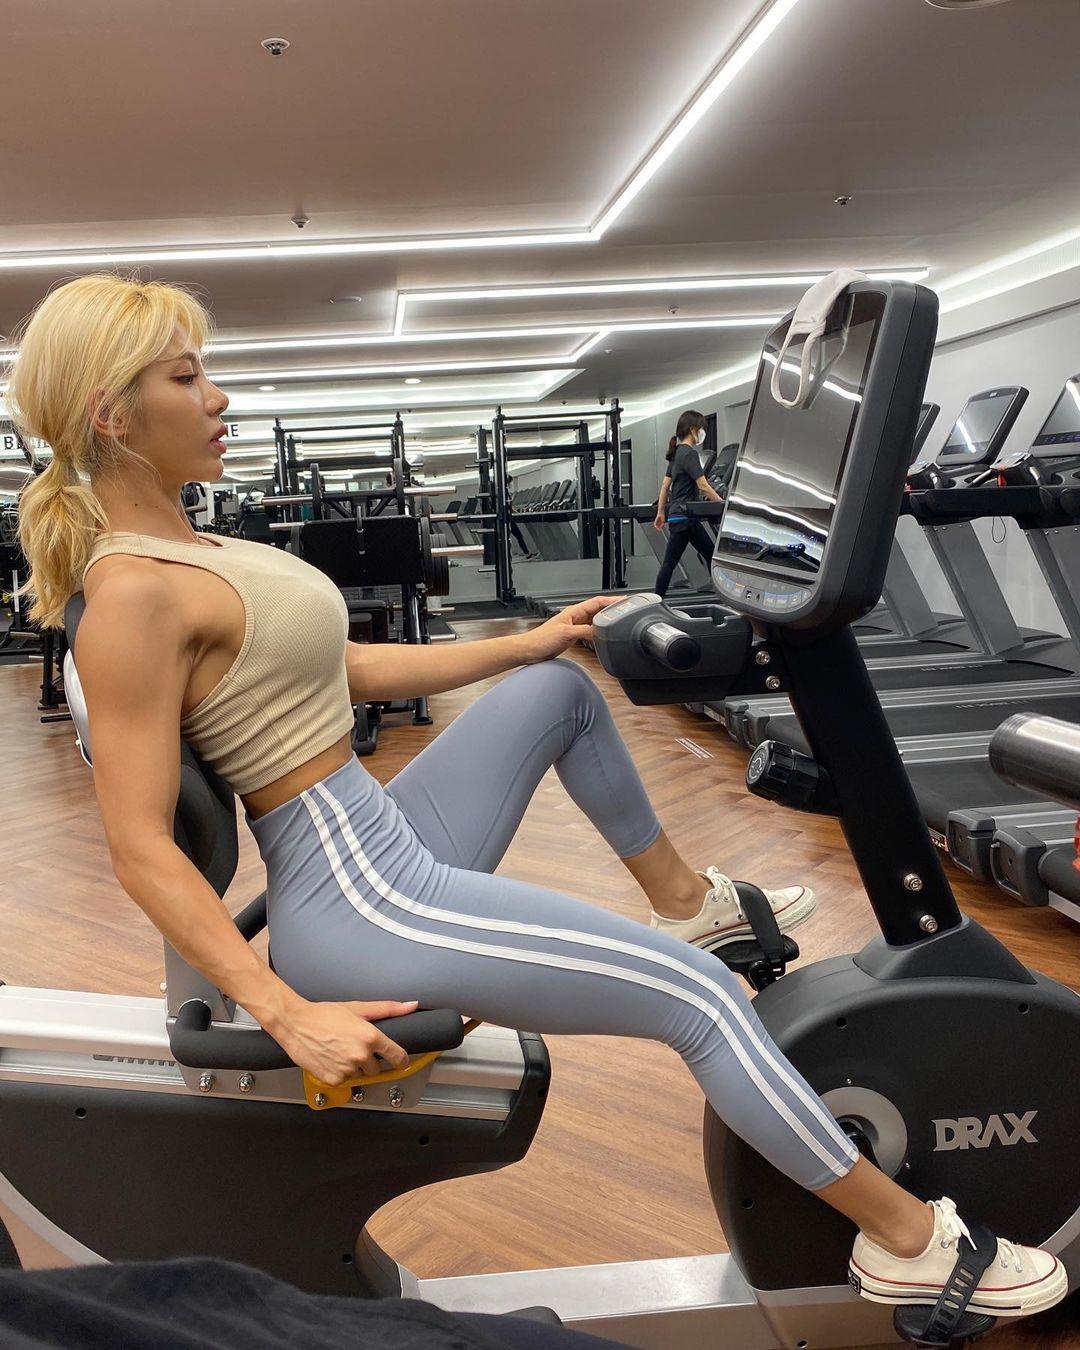 健身教练金孝贞完美体态肉感指数破表腹肌如钢铁般结实 养眼图片 第4张